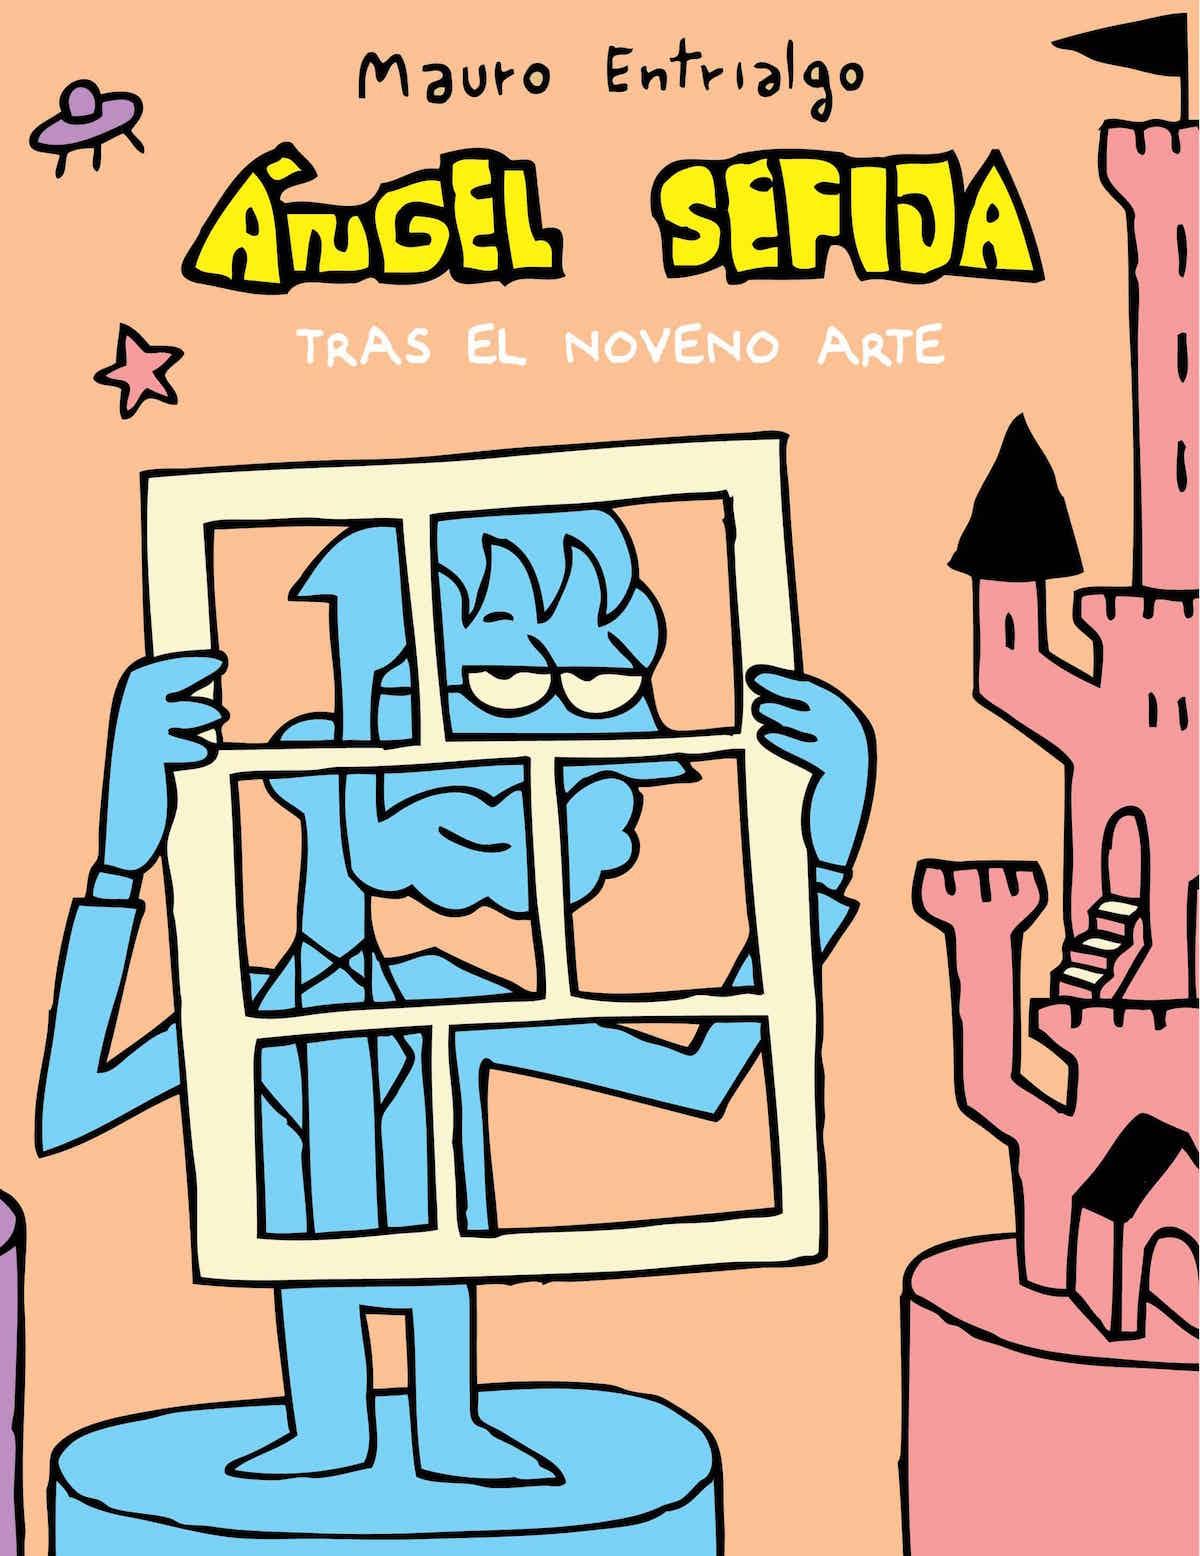 ANGEL SEFIJA TRAS EL NOVENO ARTE